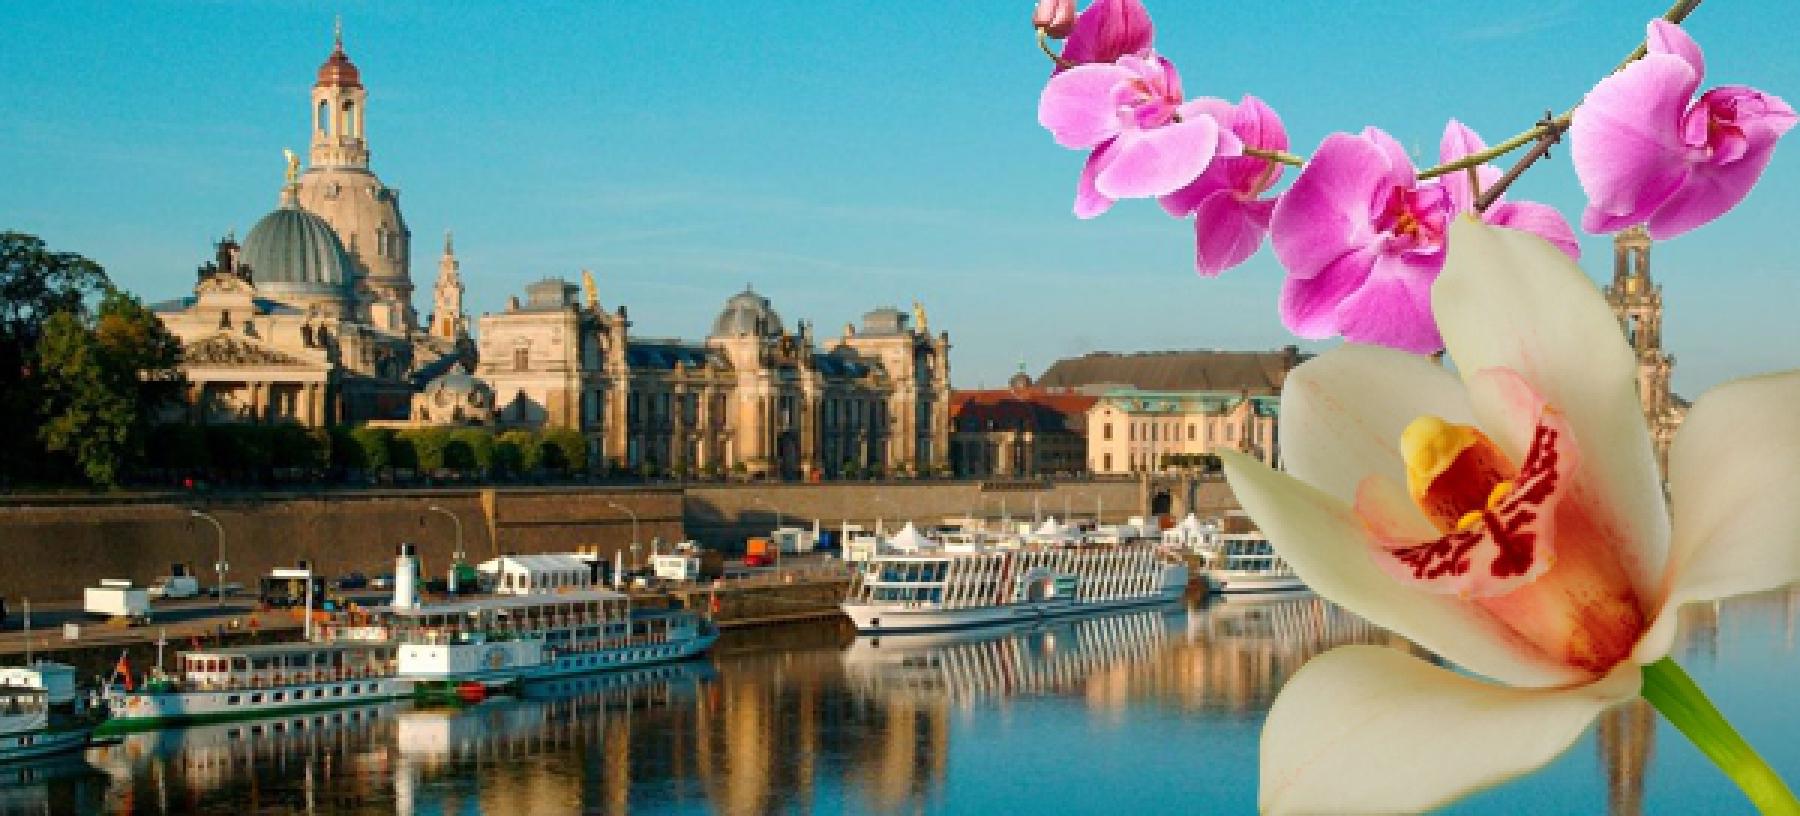 Drážďany – výstava orchidejí autokarem